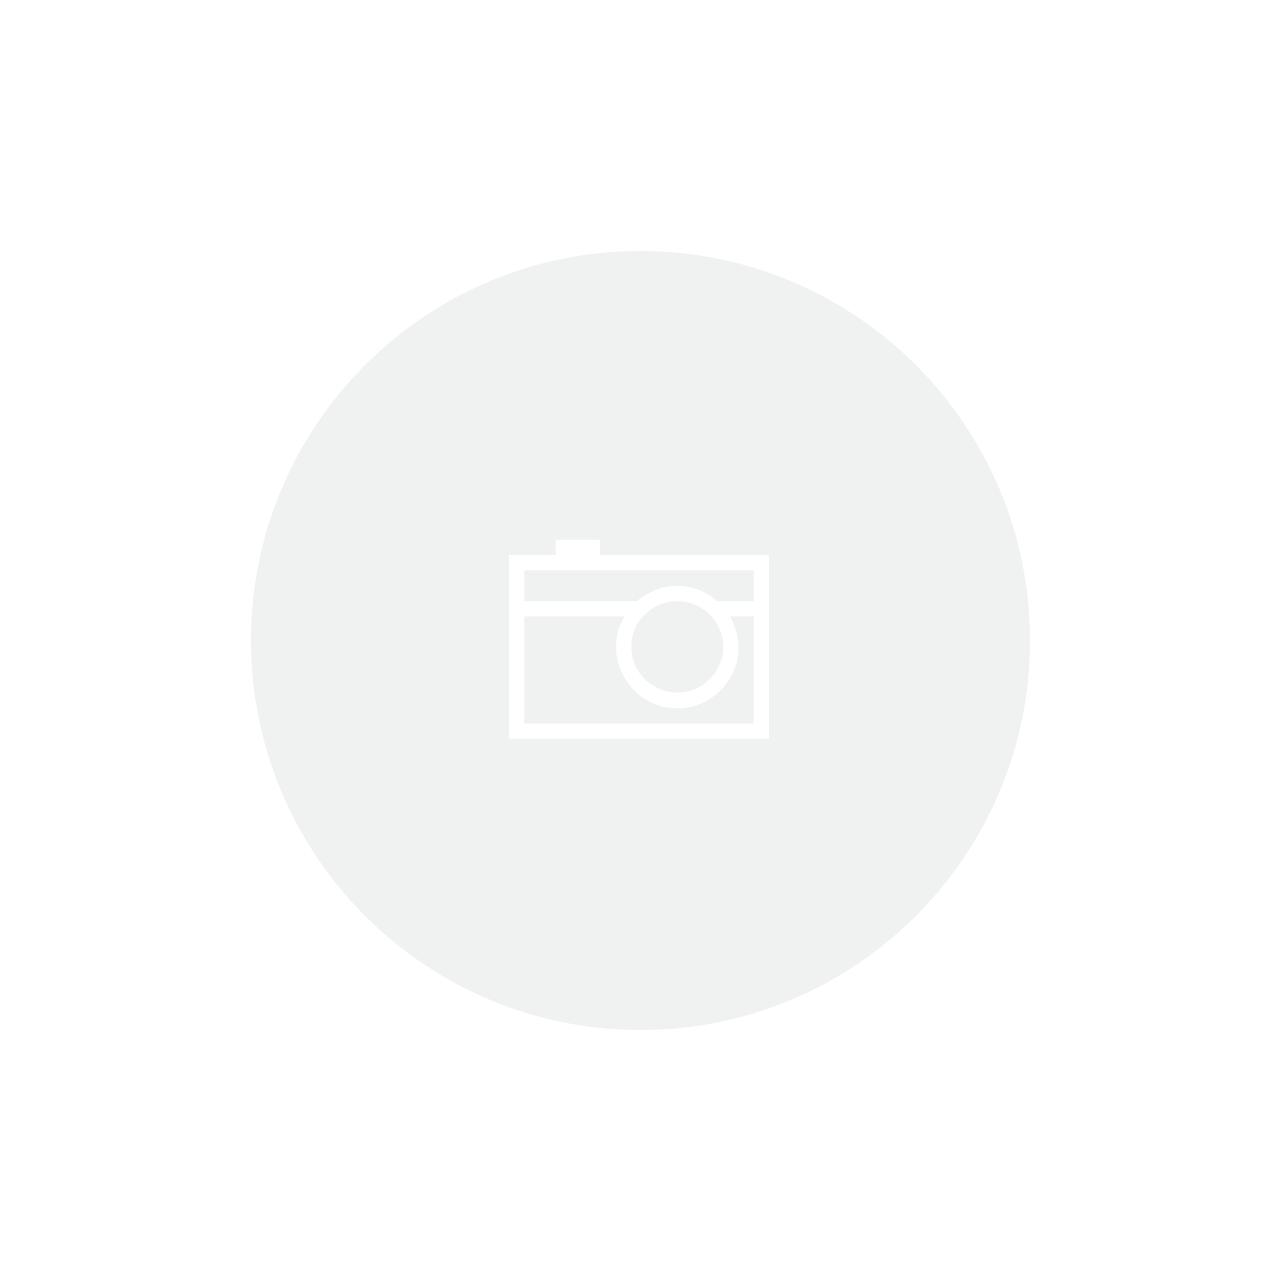 Chinelo Tecido Masculino Beeton Bali M 01